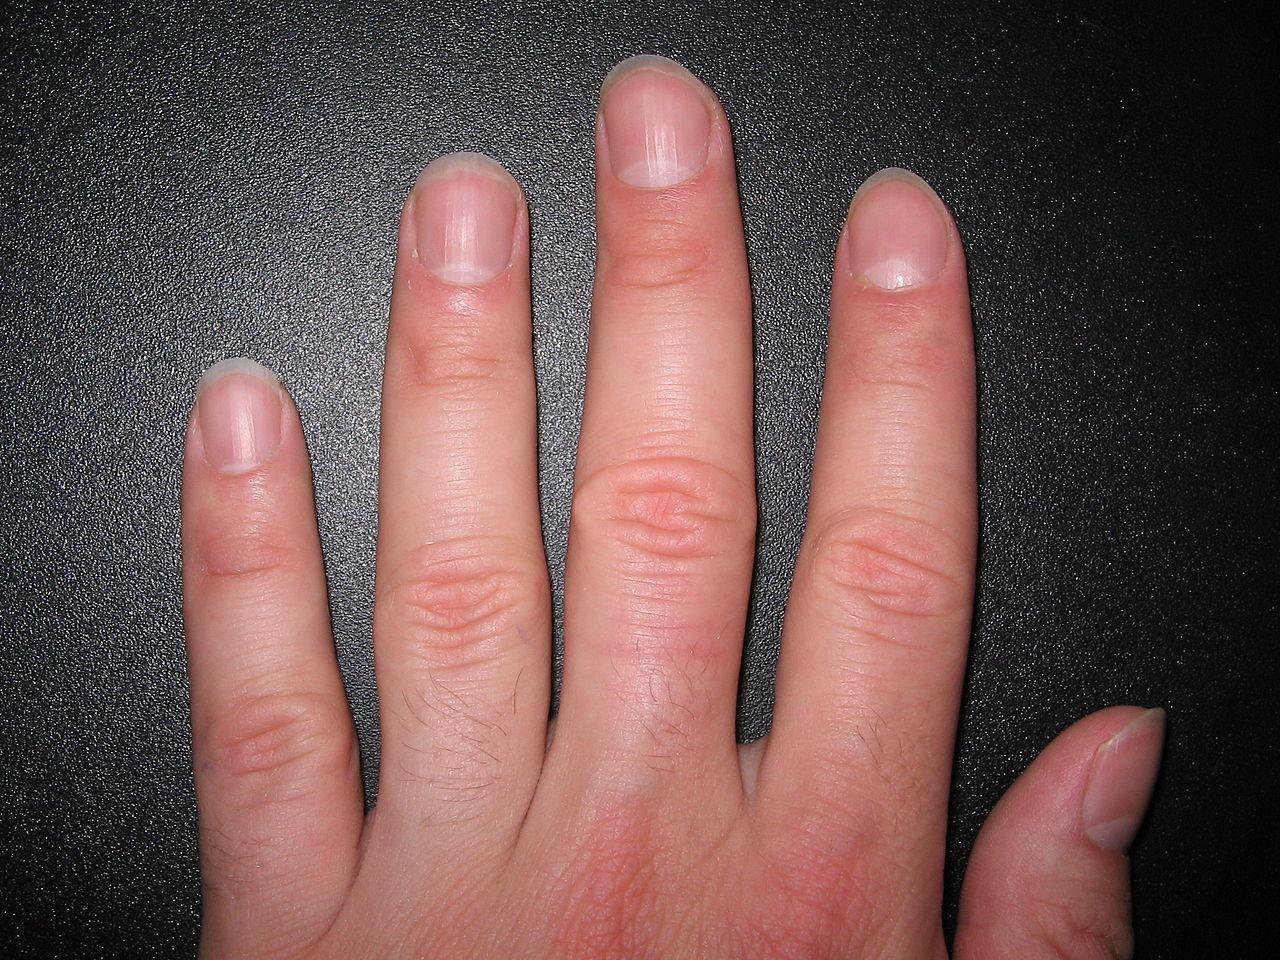 Как узнать о здоровье по ногтям фото